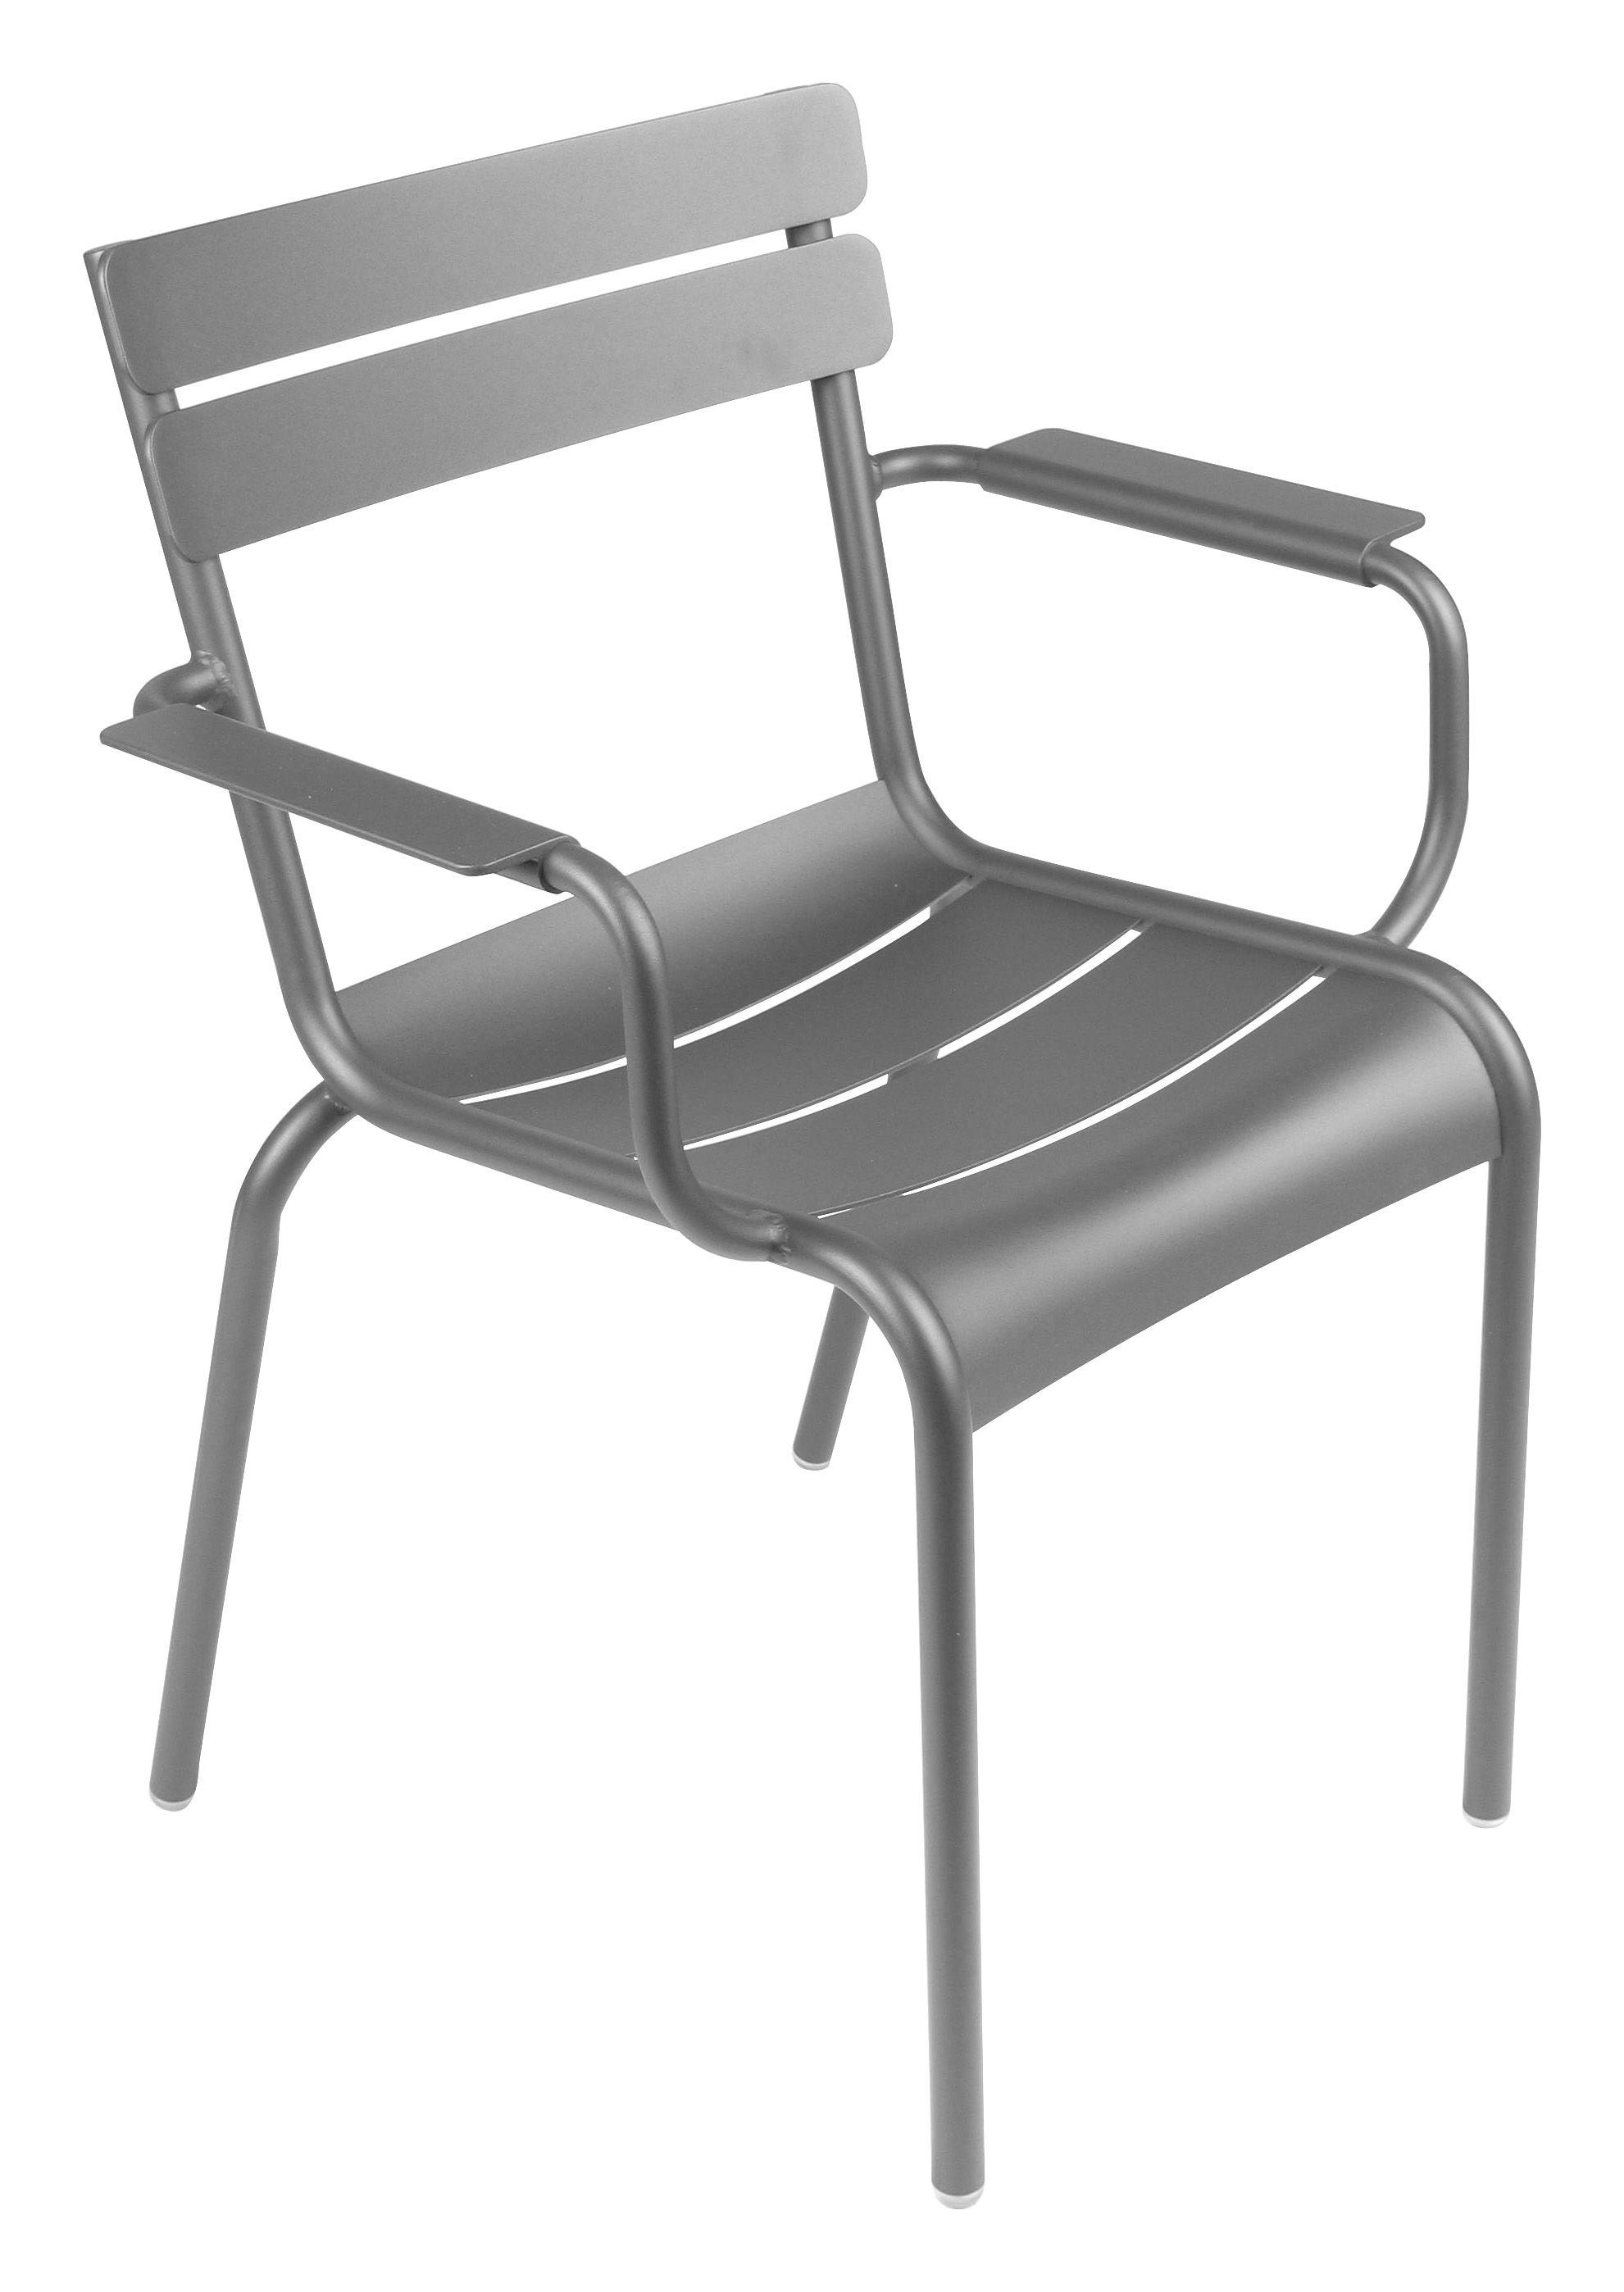 Life Style - Poltrona impilabile Luxembourg di Fermob - Grigio metallo - Alluminio laccato